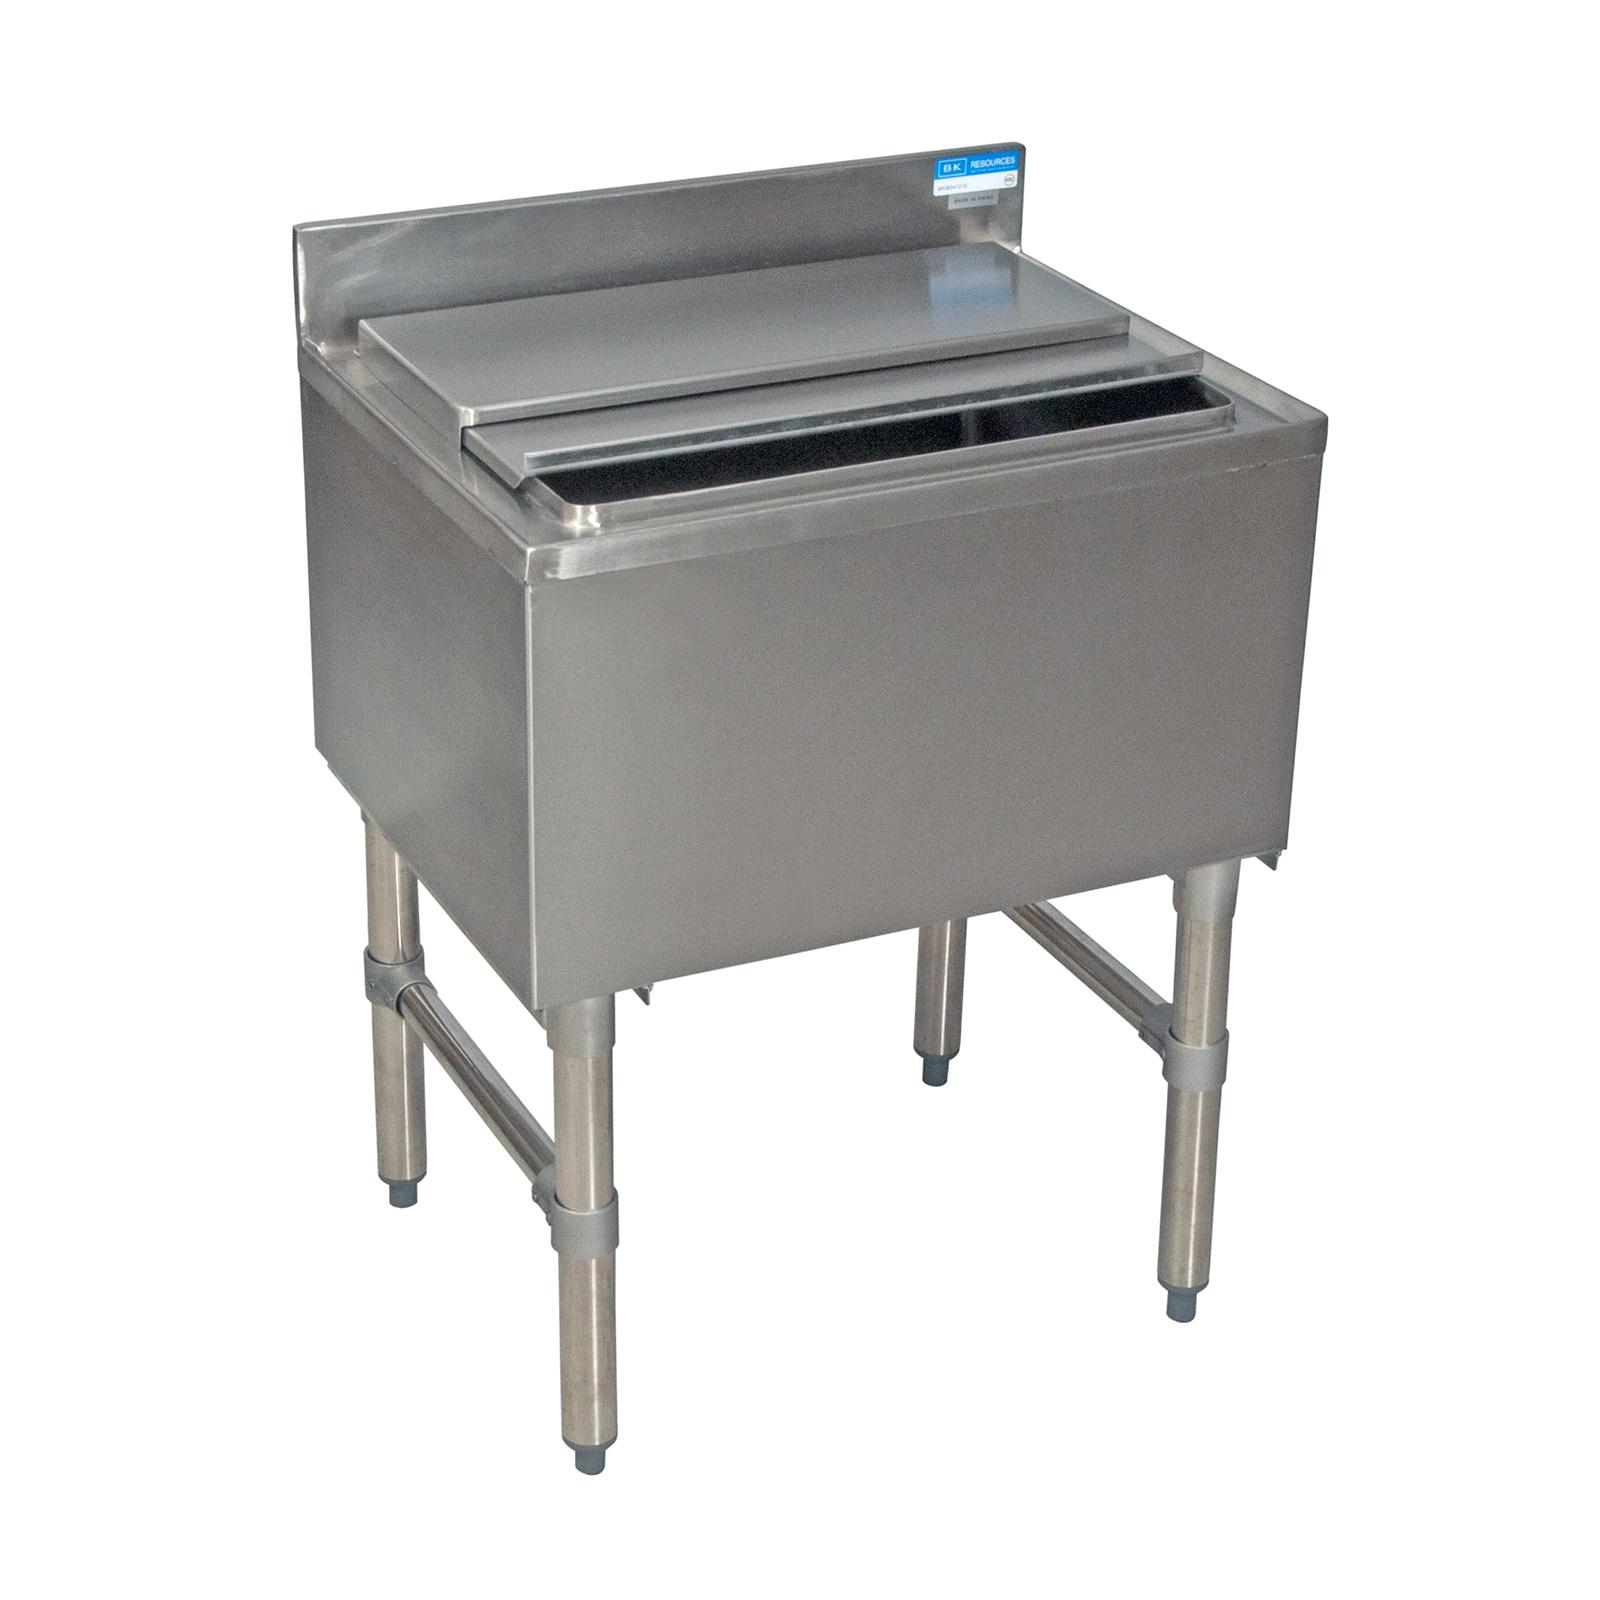 BK Resources BKIB-3012-21S underbar ice bin/cocktail unit